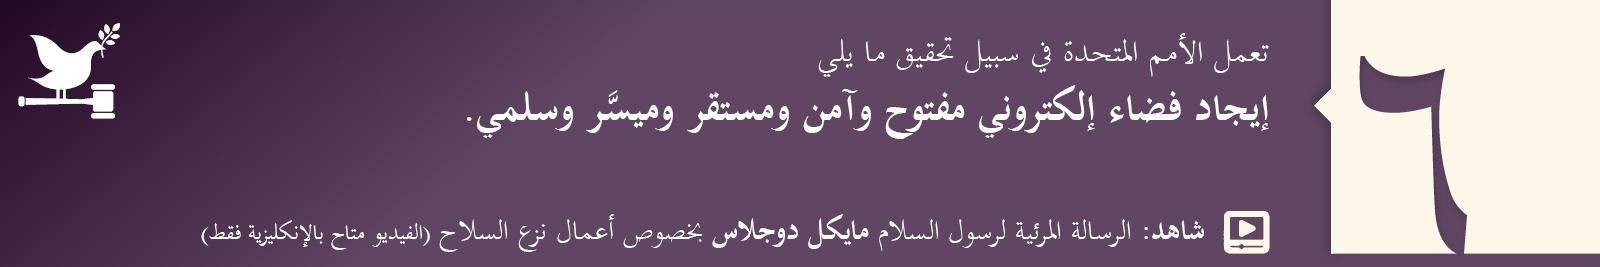 6. إيجاد فضاء إلكتروني مفتوح وآمن ومستقر وميسَّر وسلمي.